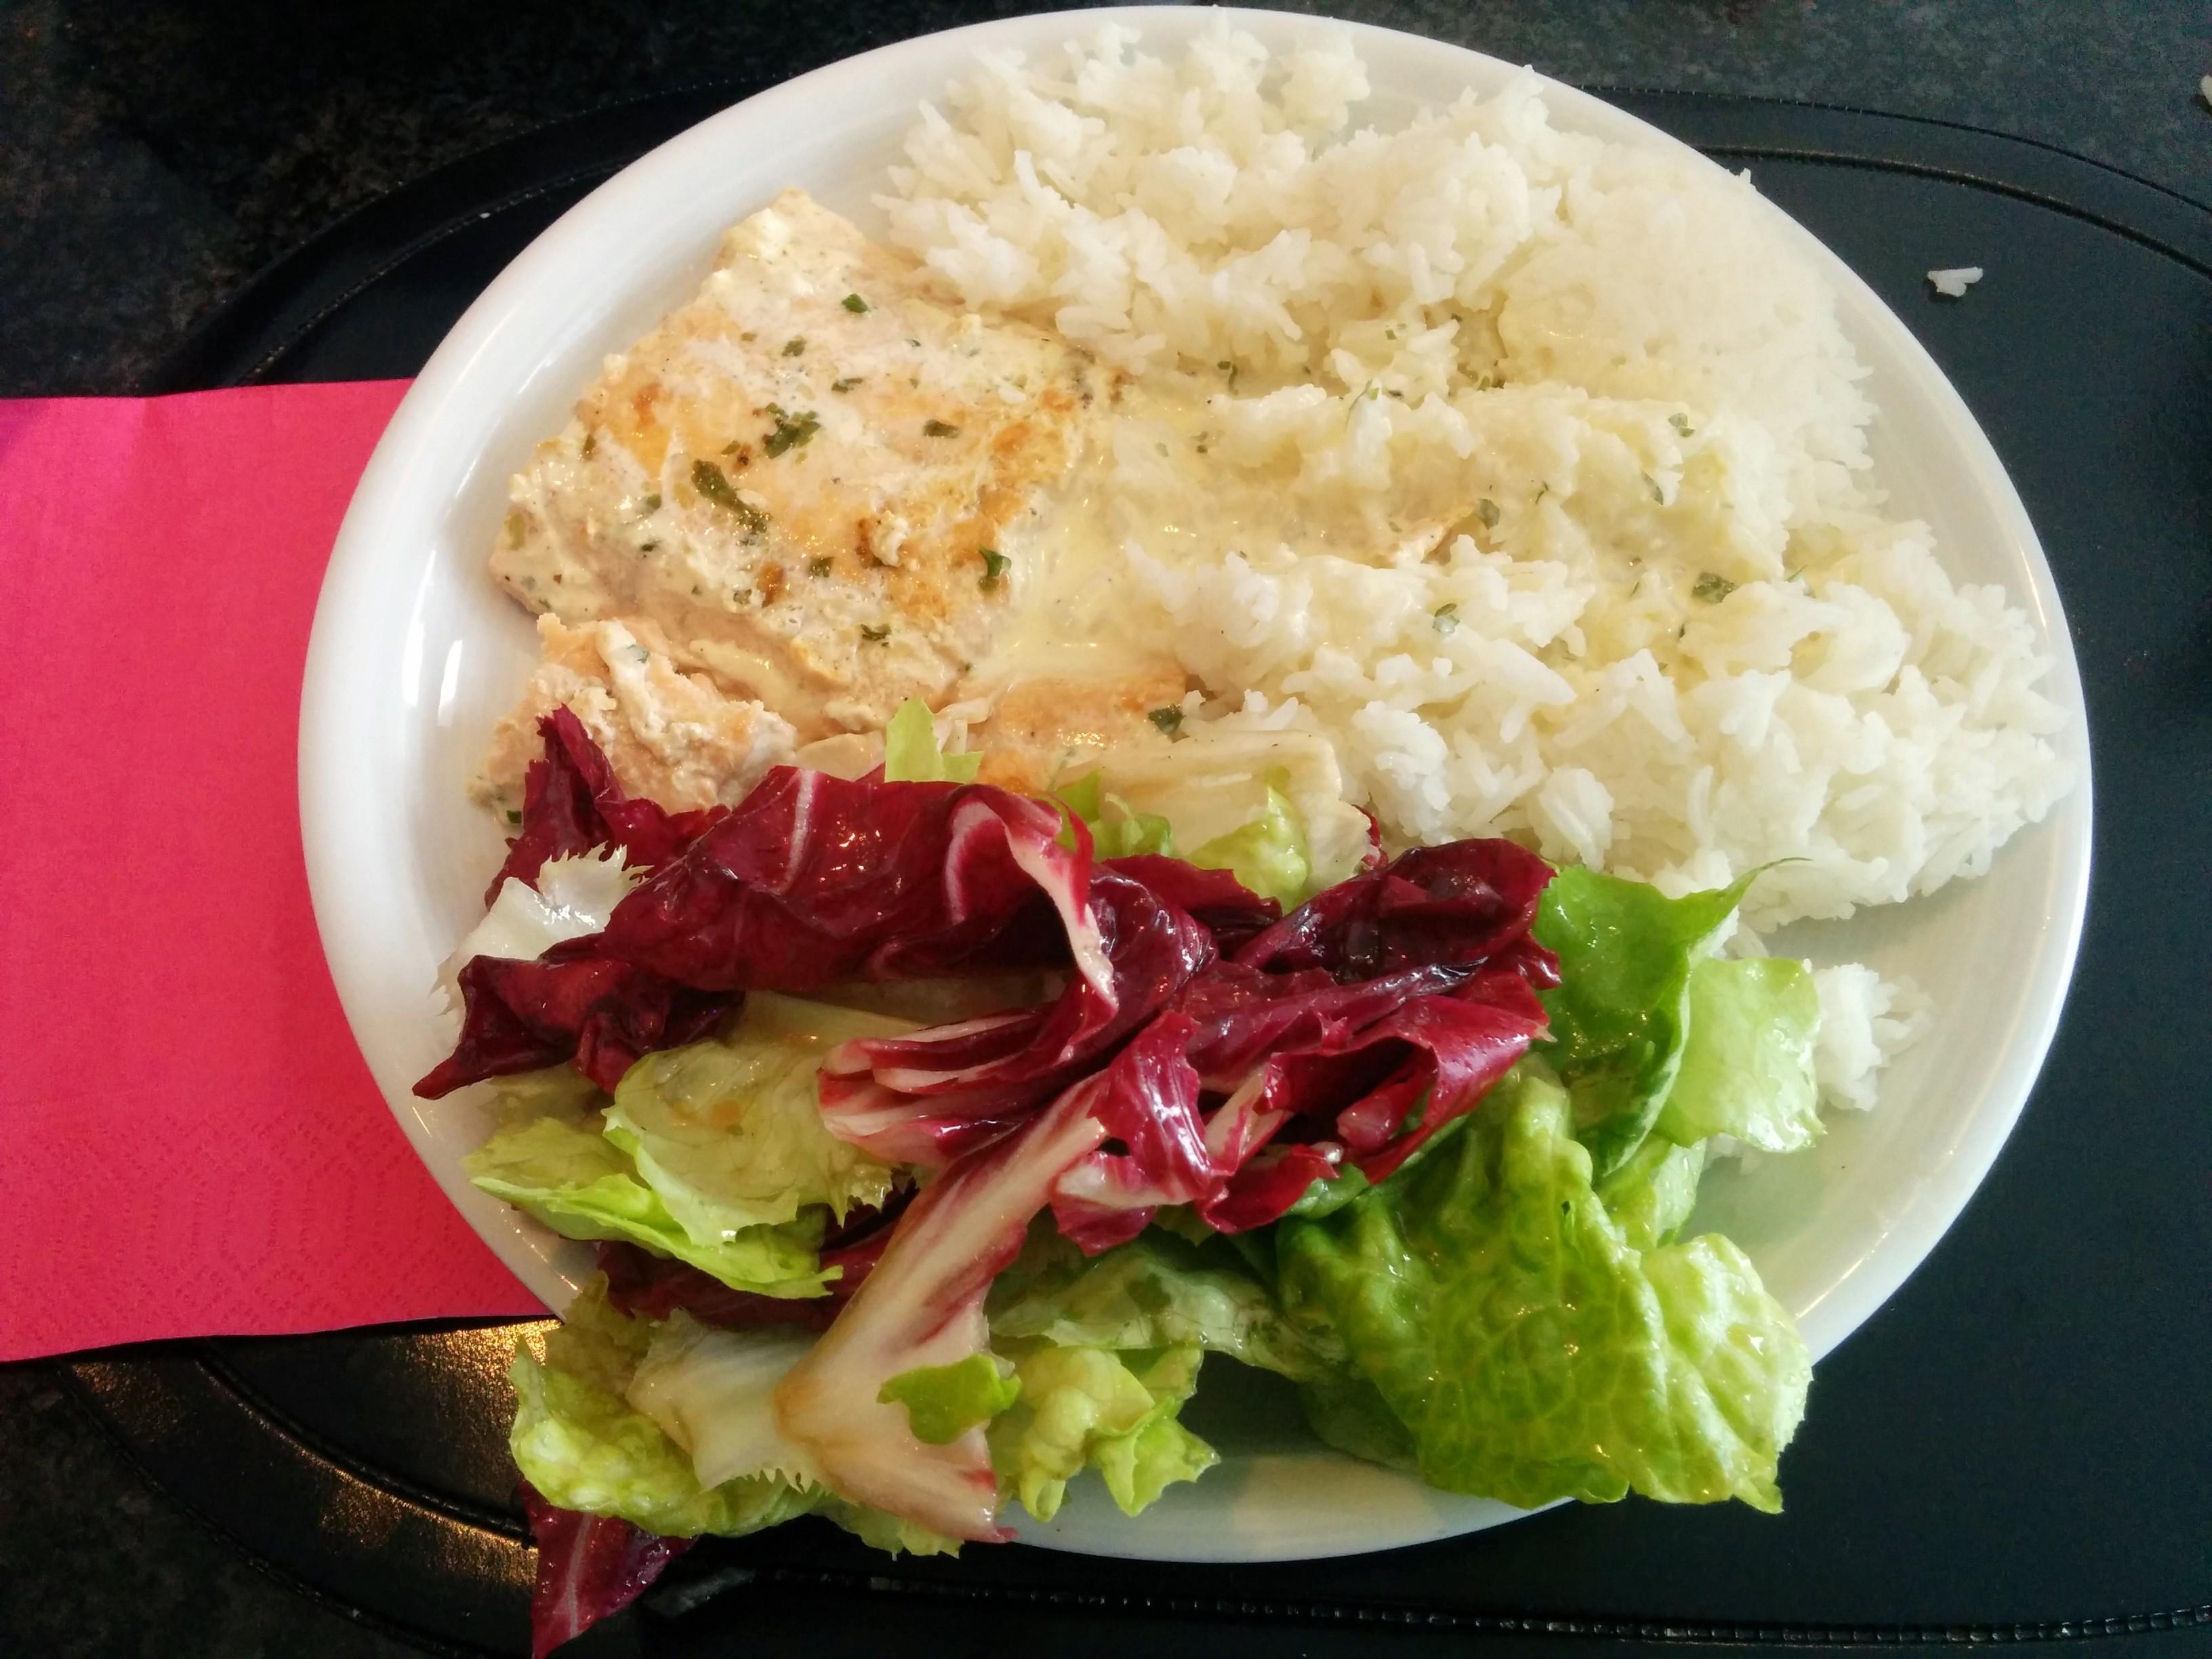 https://foodloader.net/nico_2014-05-25_wildlachs-mit-reis-und-salat.jpg